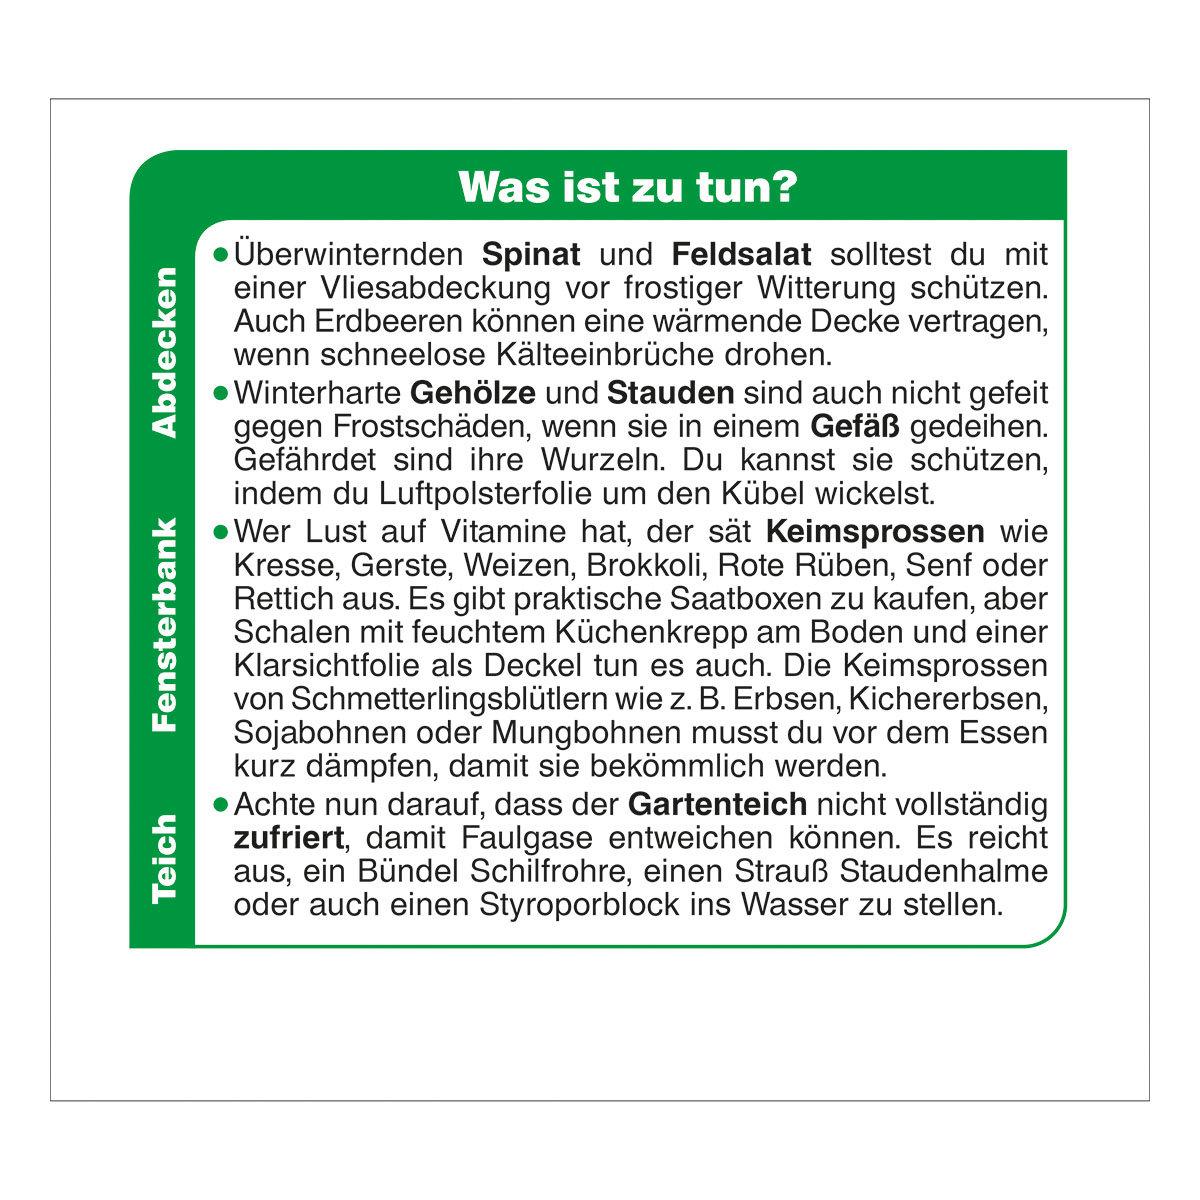 Abreißkalender Der große Grüne Wink®   #6